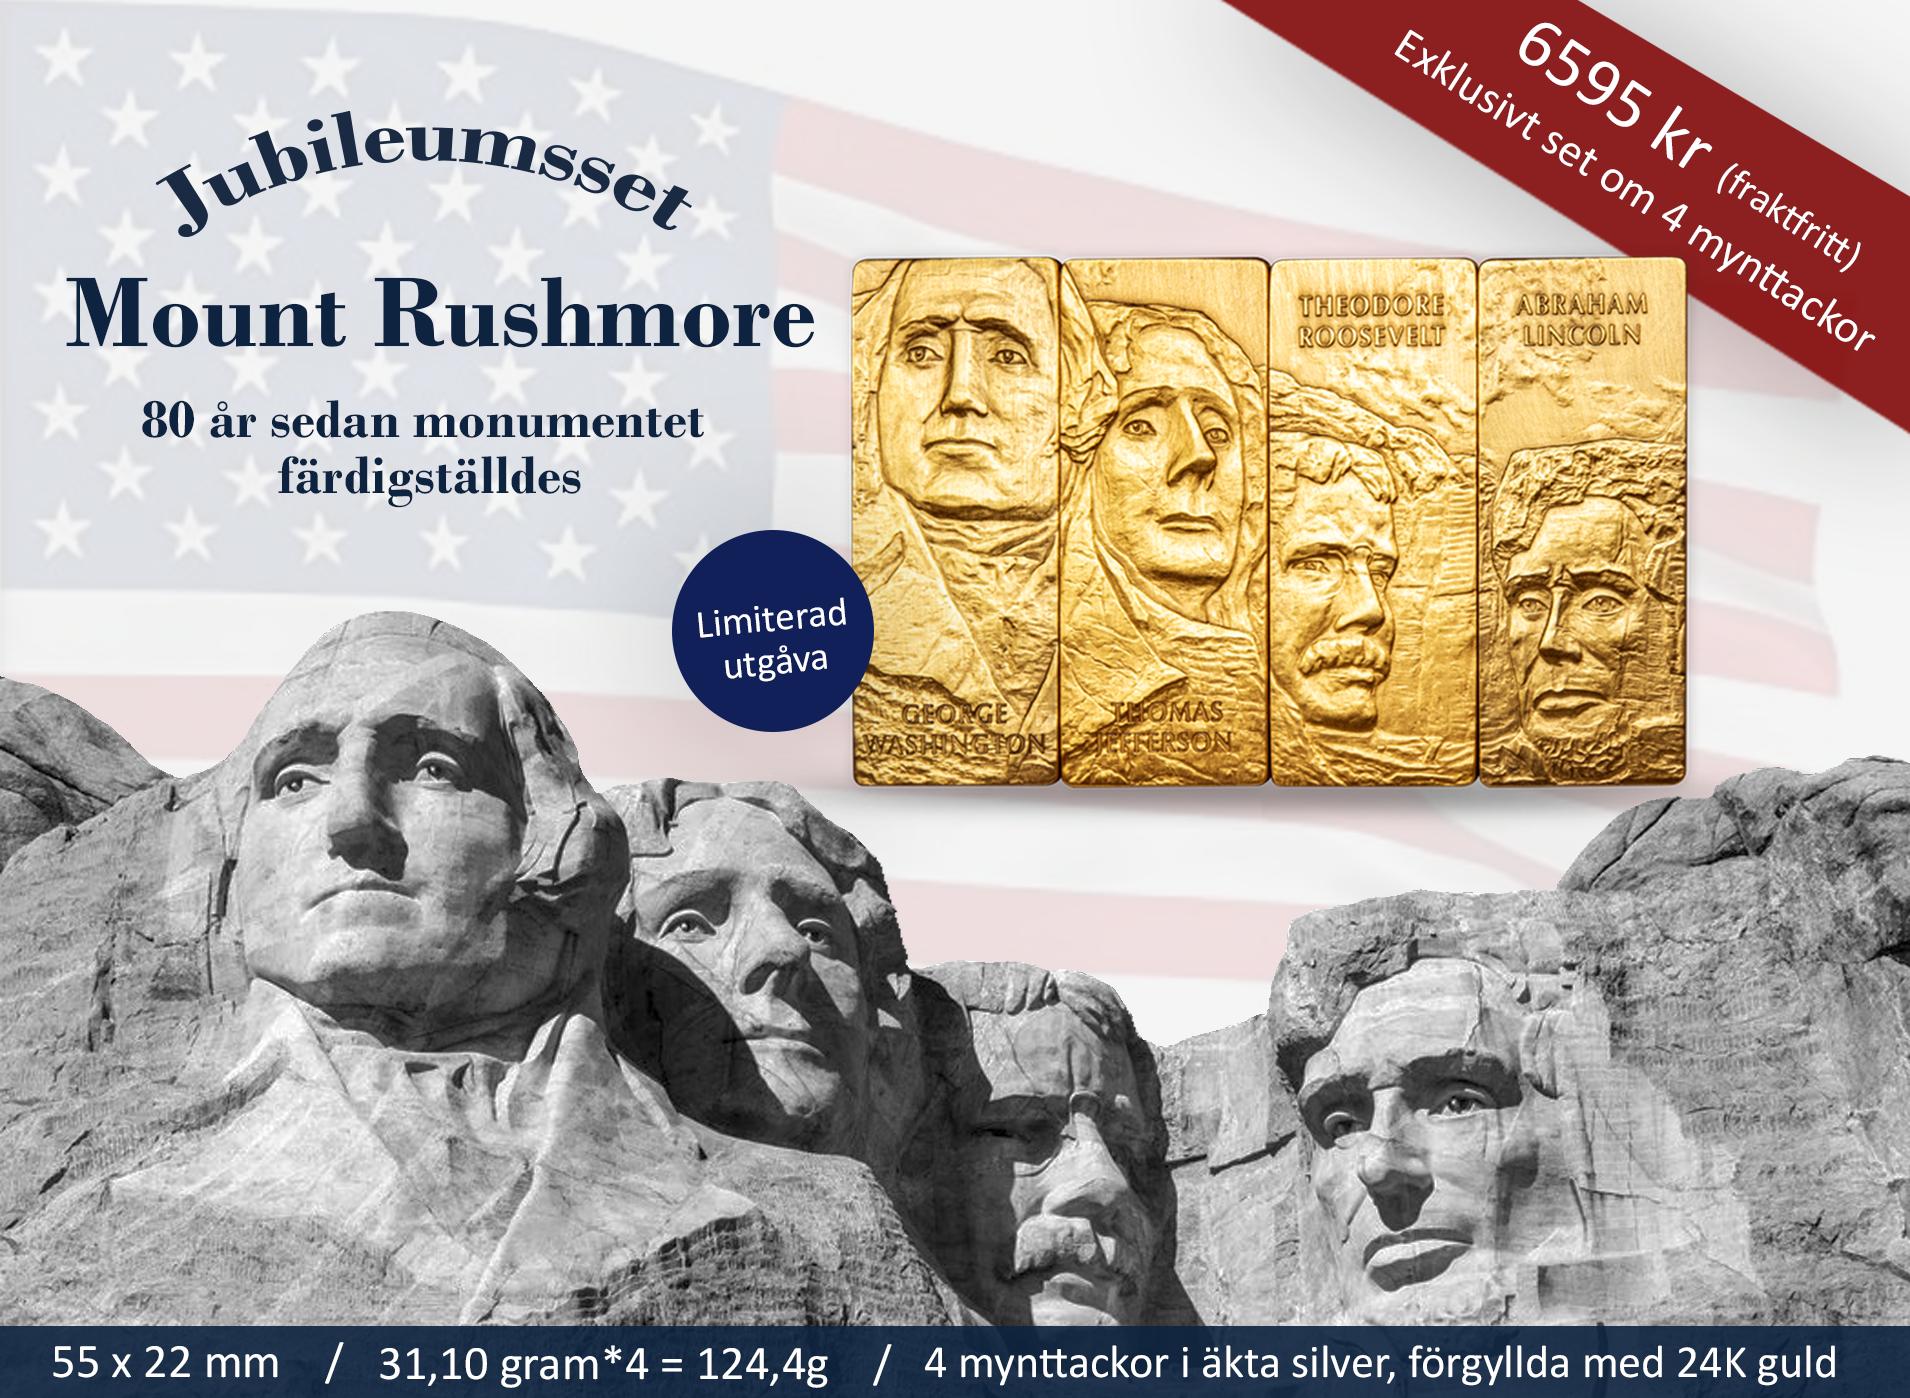 En av de mest kända amerikanska landmärkena på fyra imponerande myttackor var och en präglad i ett uns finaste silver